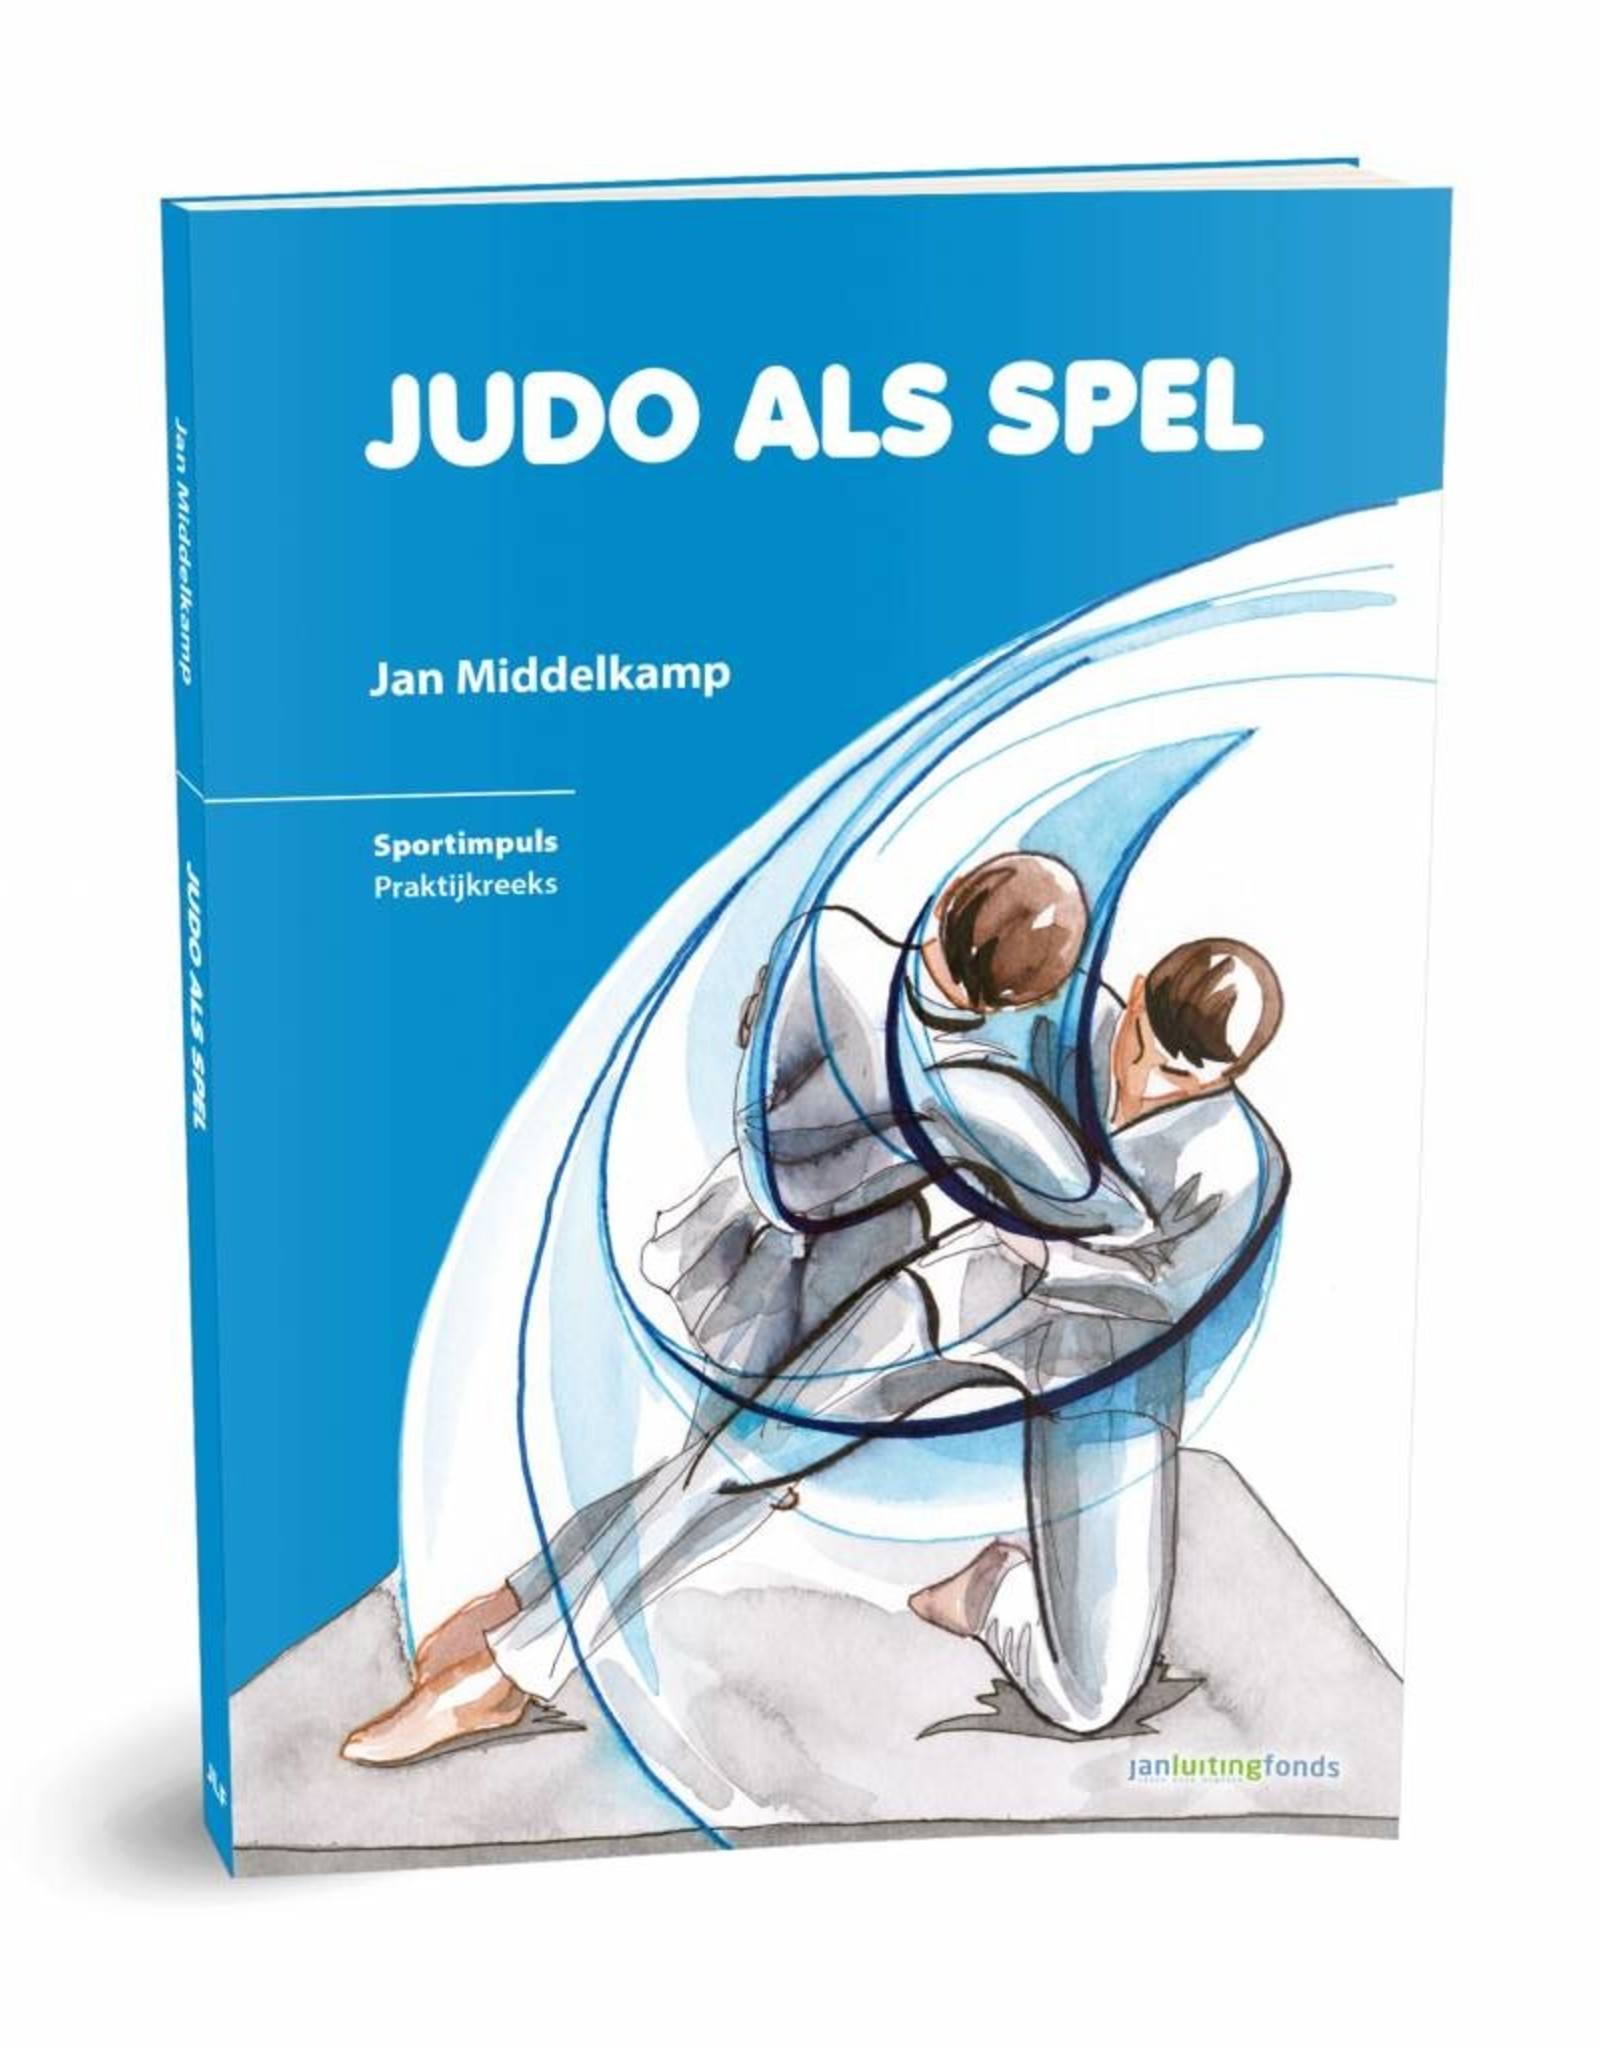 Judo als spel